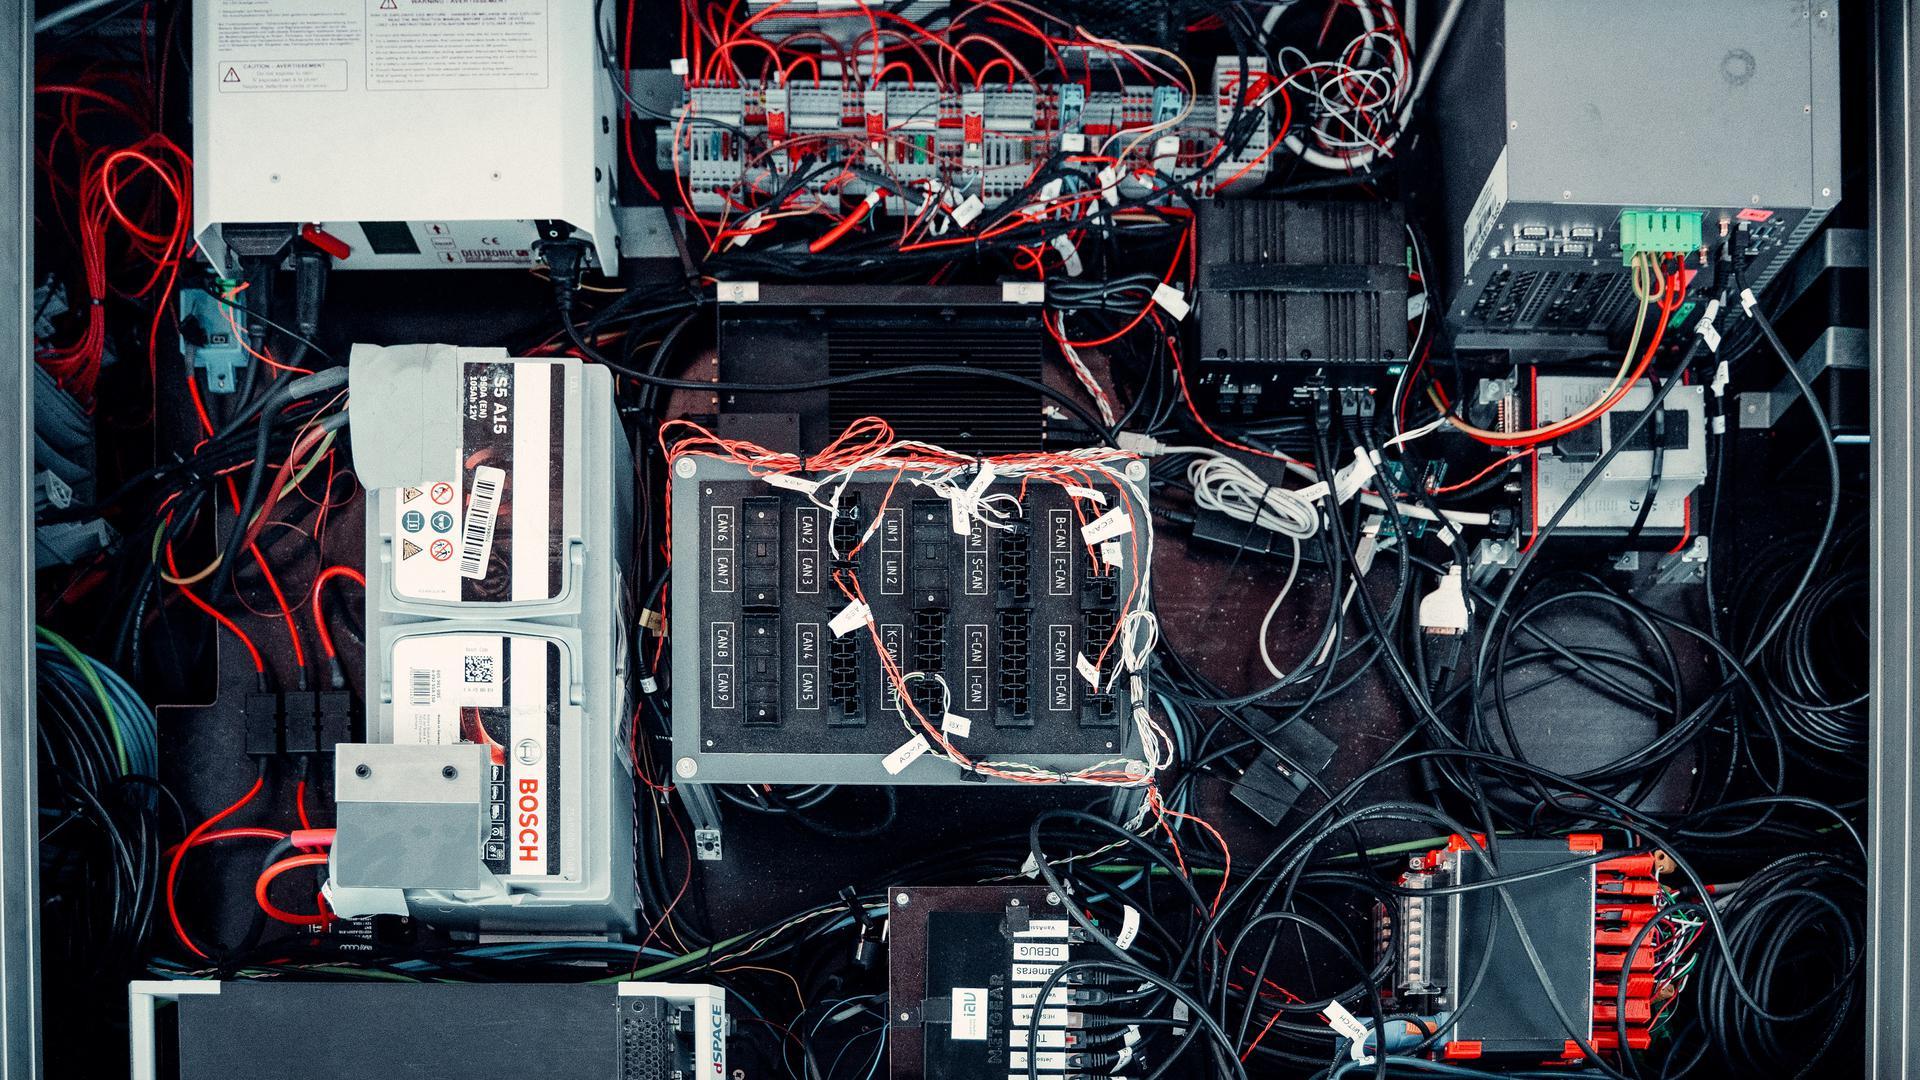 Das Institut für verlässliche Embedded Systems und Kommunikationselektronik (IvESK) der Hochschule Offenburg hat unter anderem die einzelnen Komponenten des Gesamtsystems über eine sichere Kommunikationsarchitektur miteinander vernetzt.